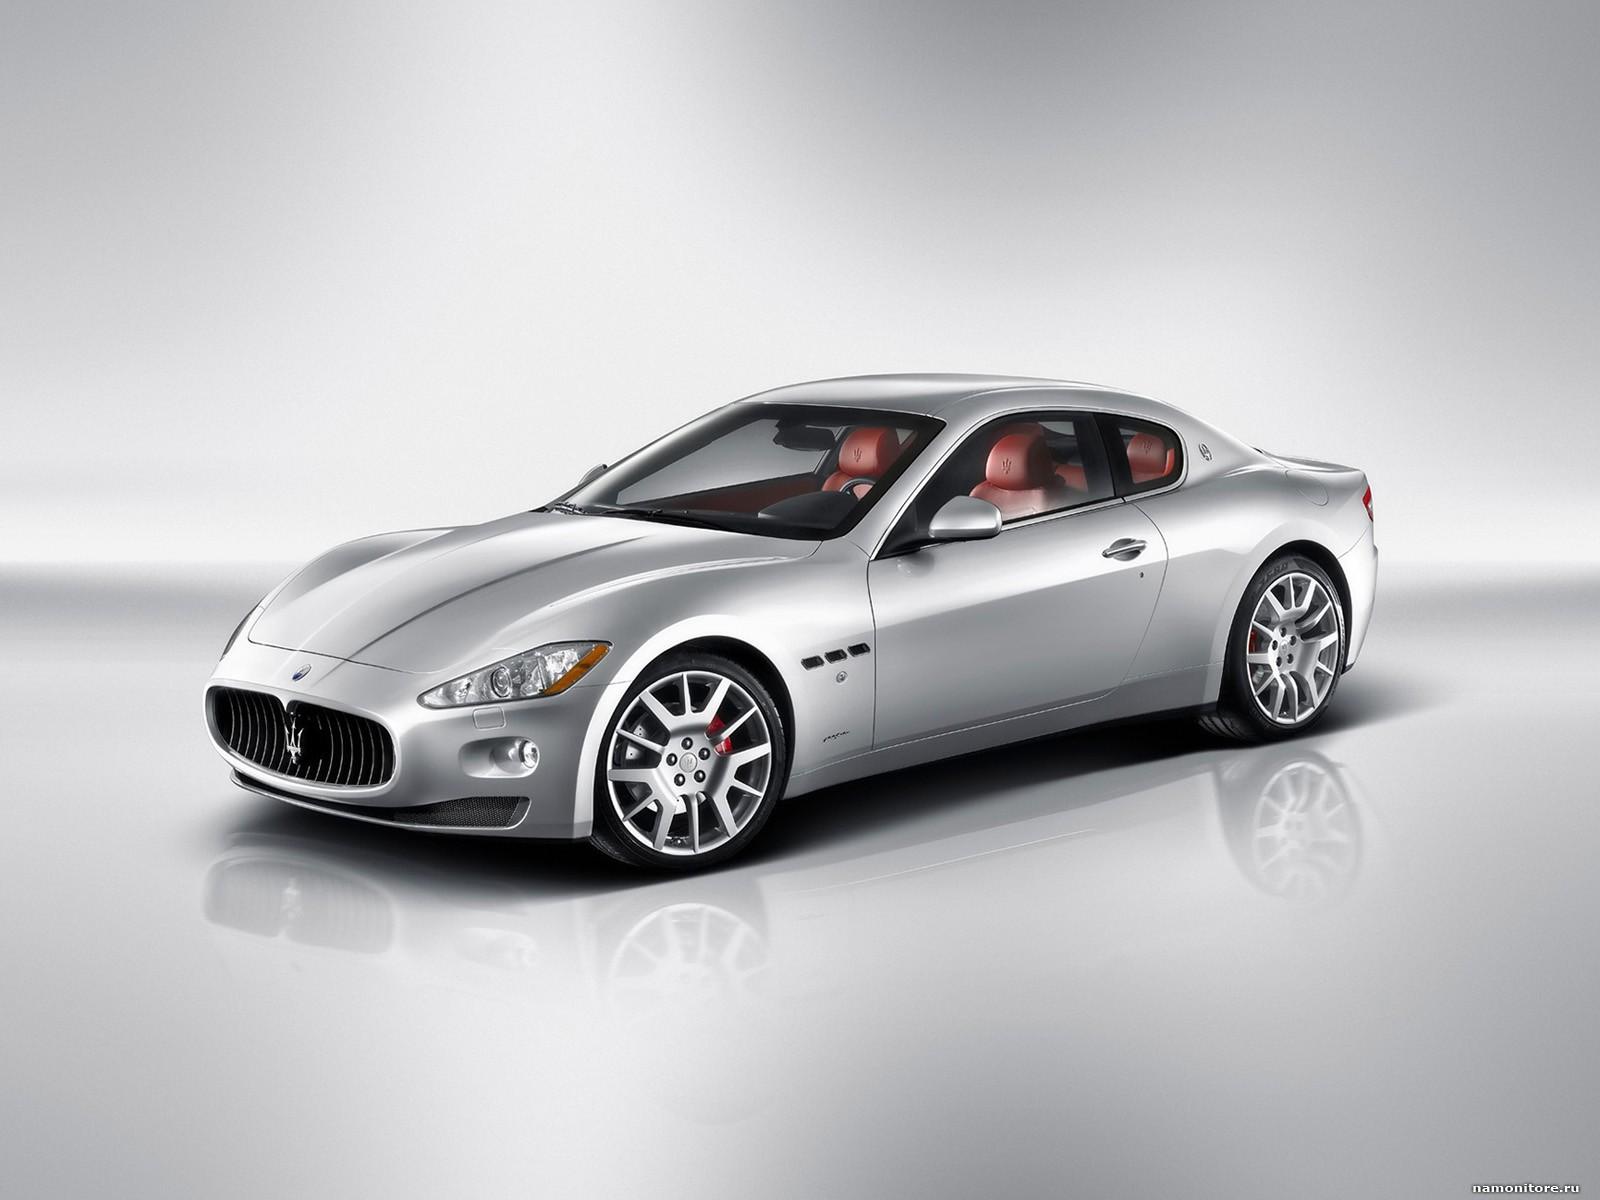 Maserati GranTurismo, best, cars, clipart, grey, Maserati, silvery.